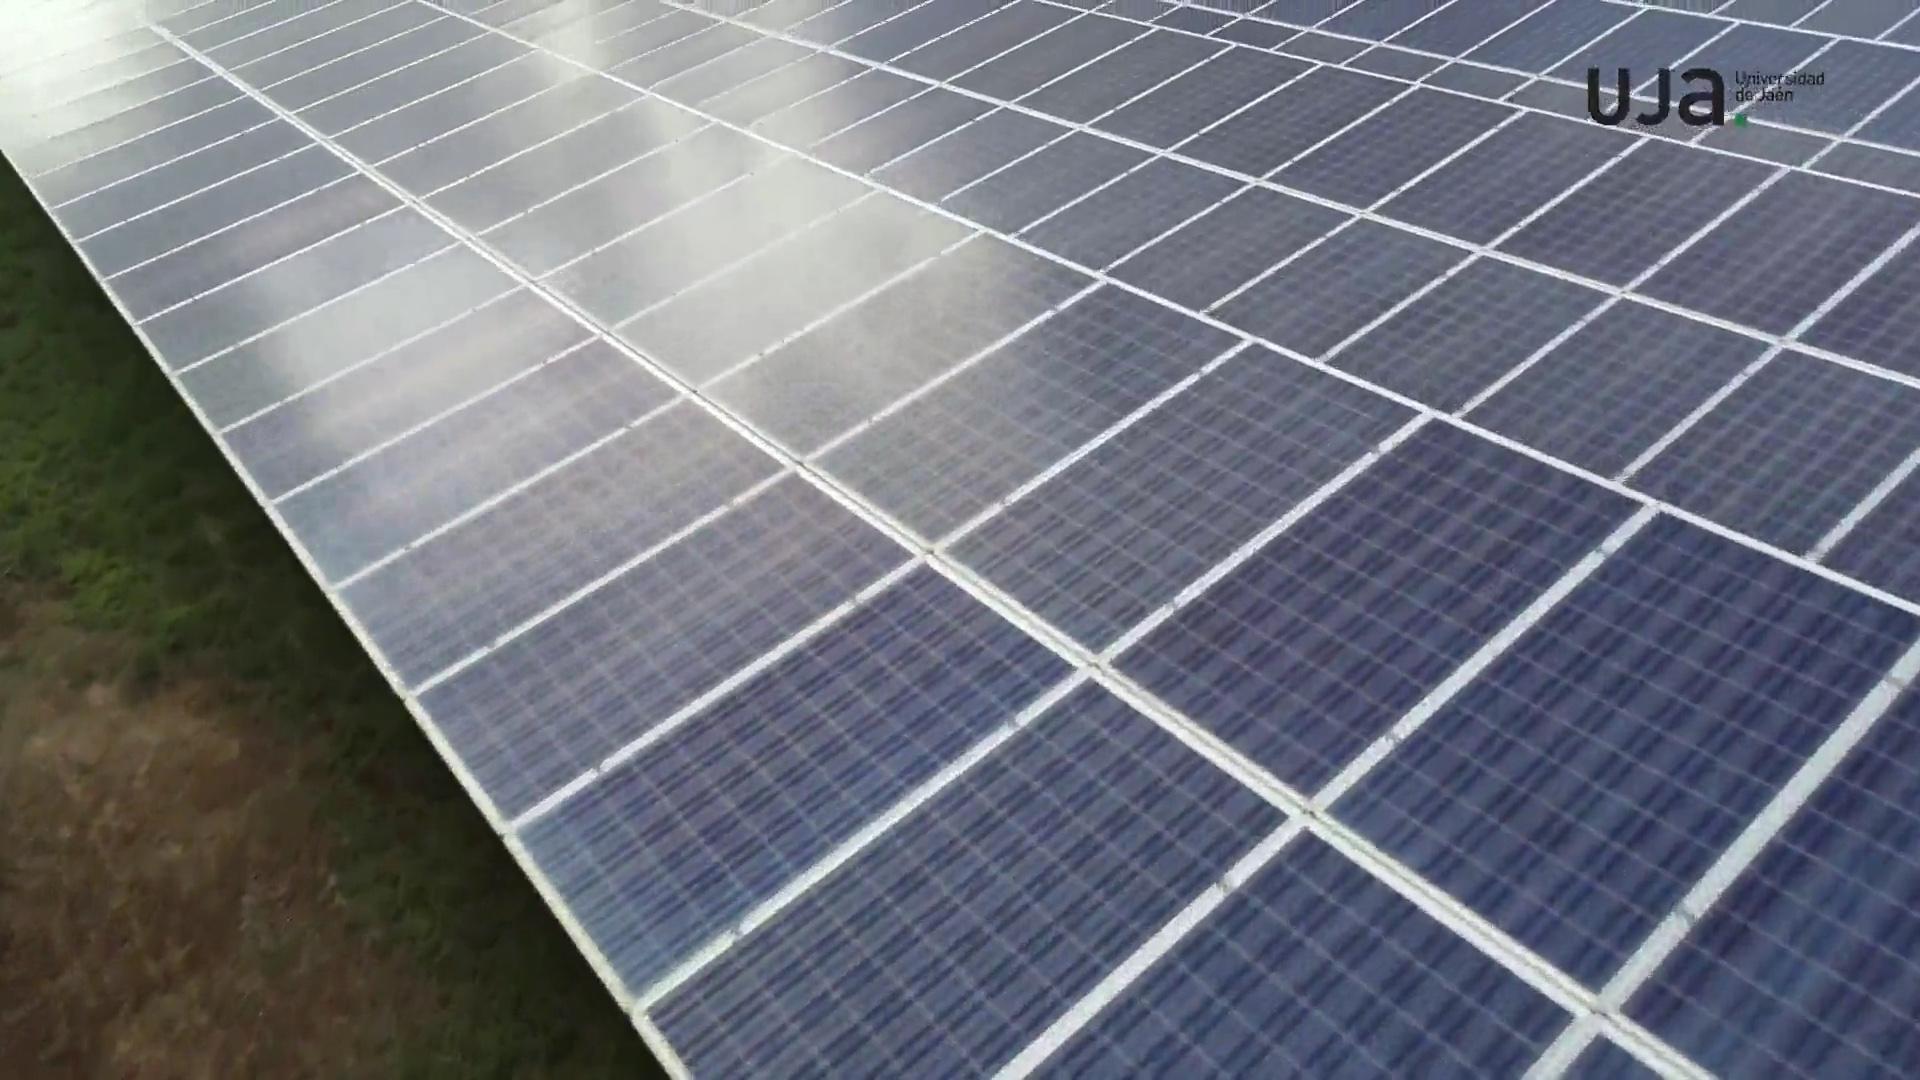 Reducción de error en modelos de predicción de radiación solar